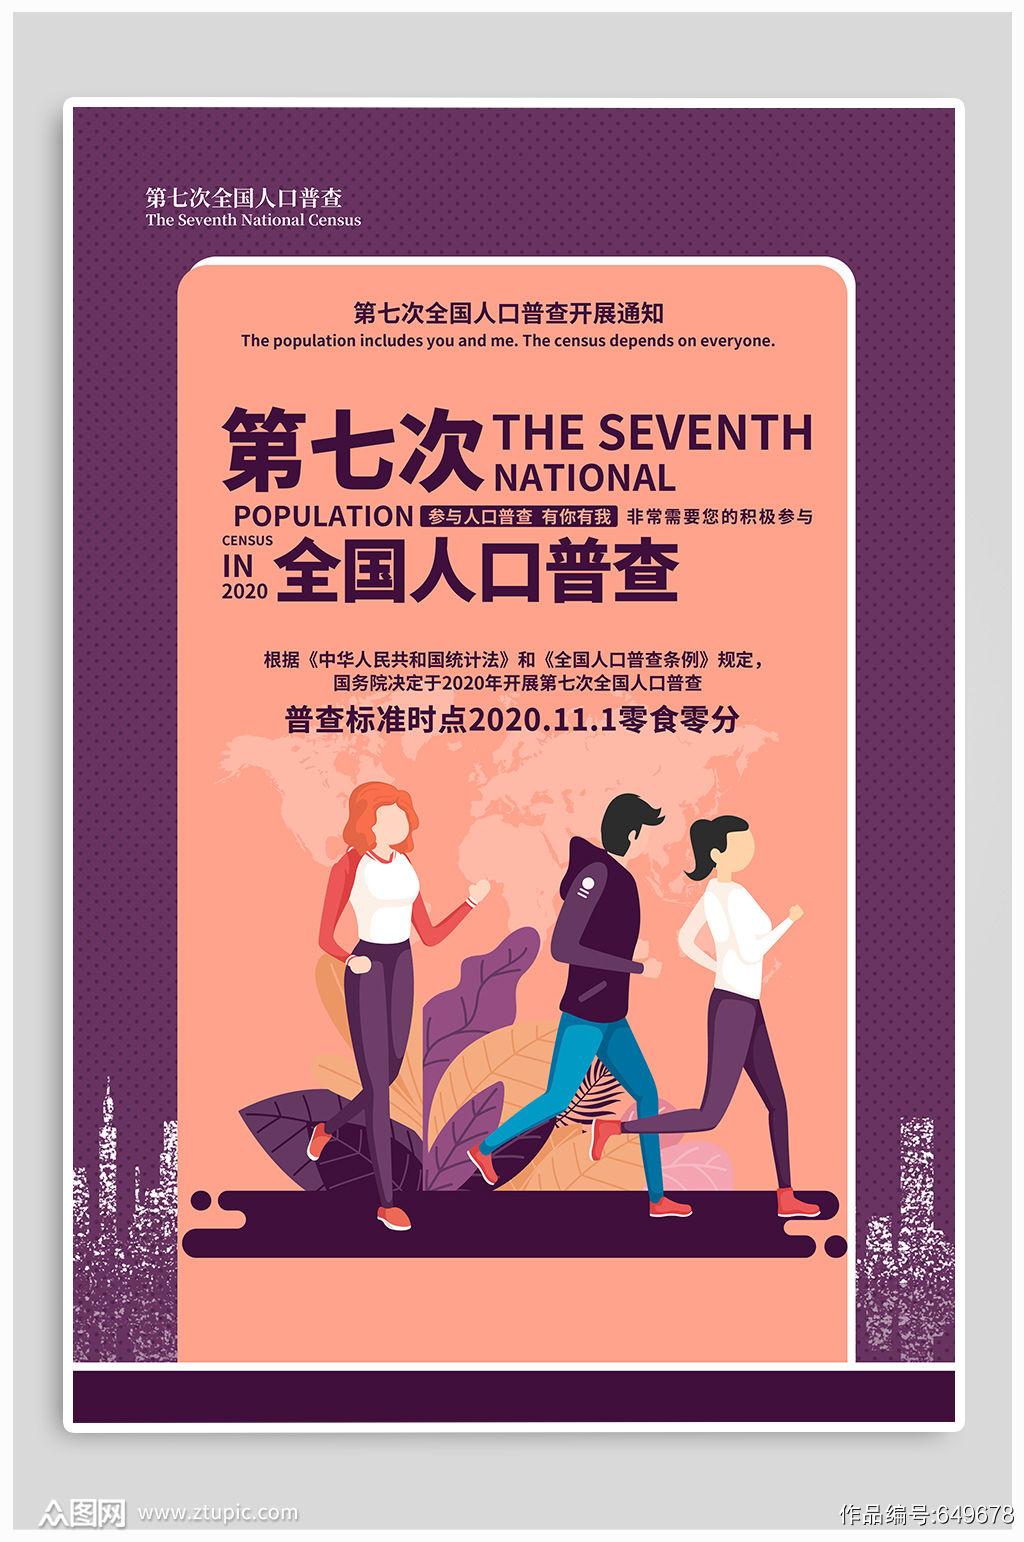 第七次人口普查宣传海报人口普查漫画素材